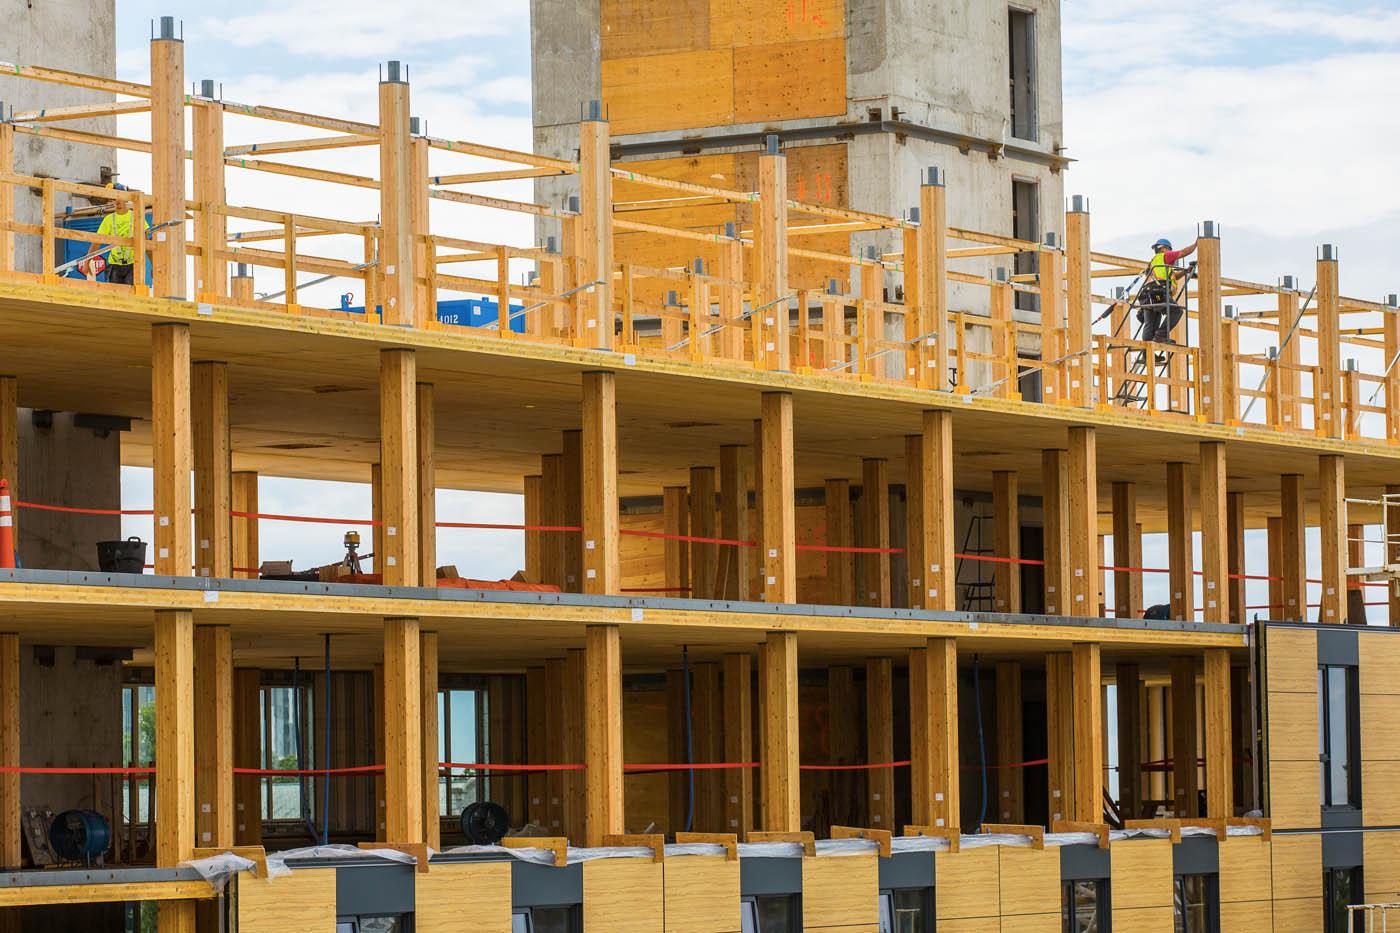 Le plus grand immeuble en bois du monde d tails de for Immeuble bureaux structure bois